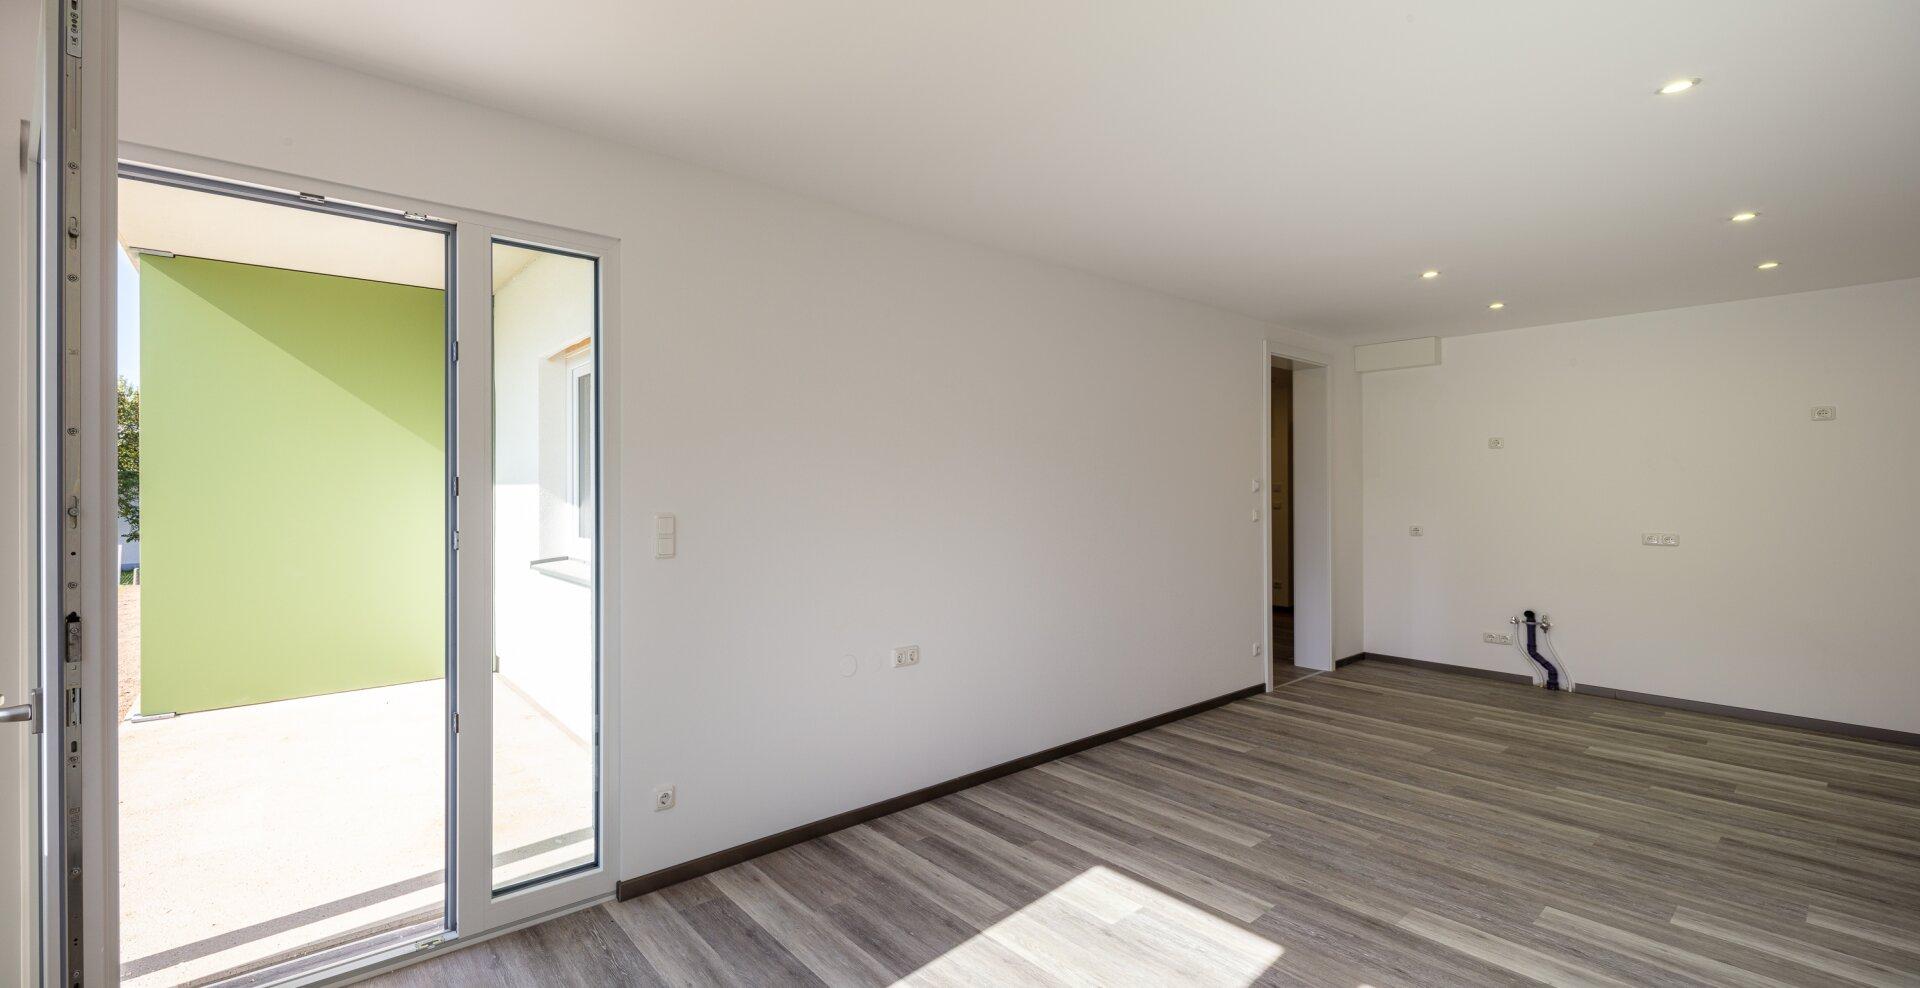 Wohn-Ess-Kochbereich einer 46 m² Wohnung im EG